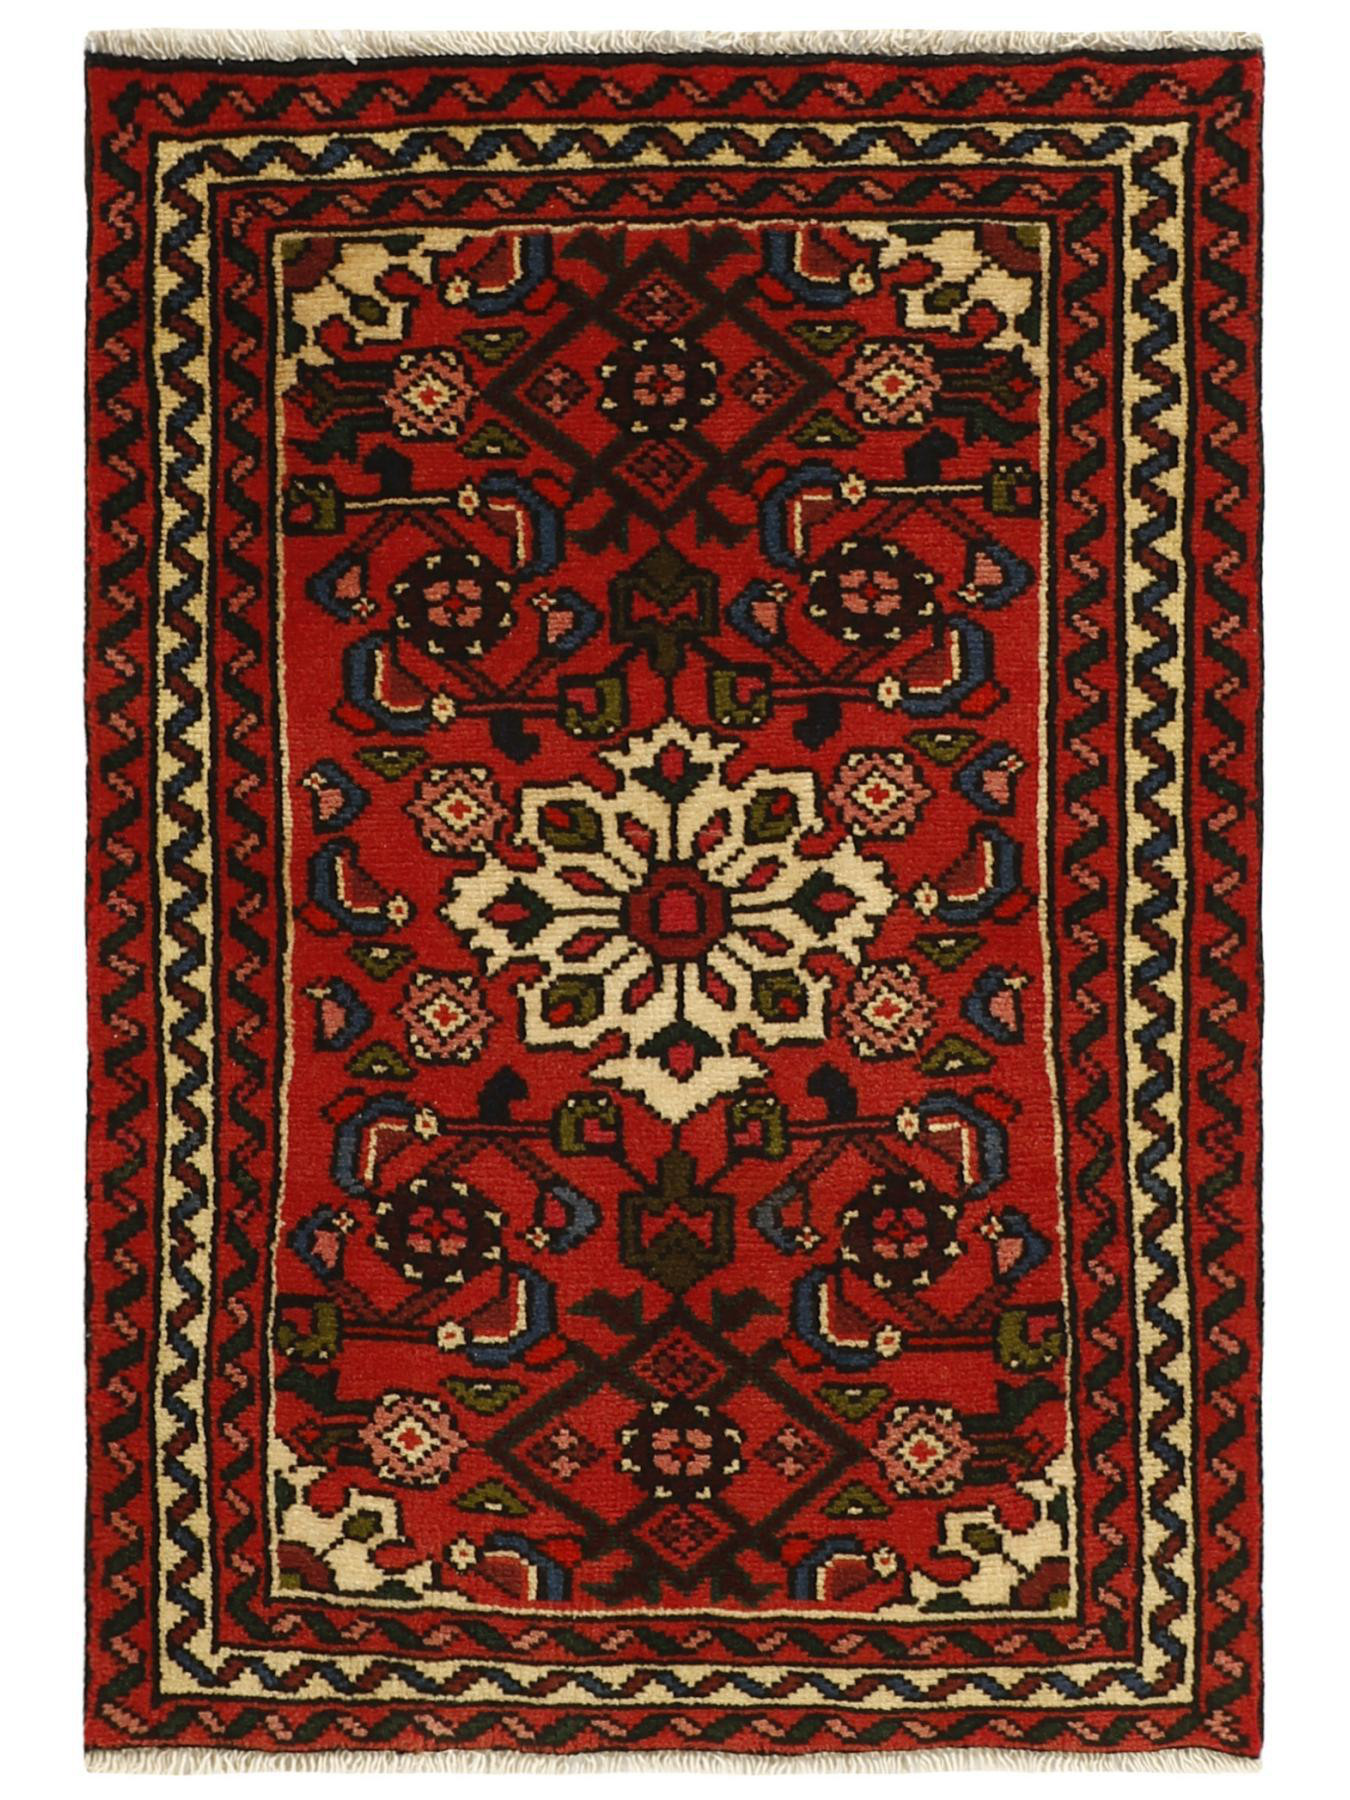 Perzische tapijten - Hosseinabad